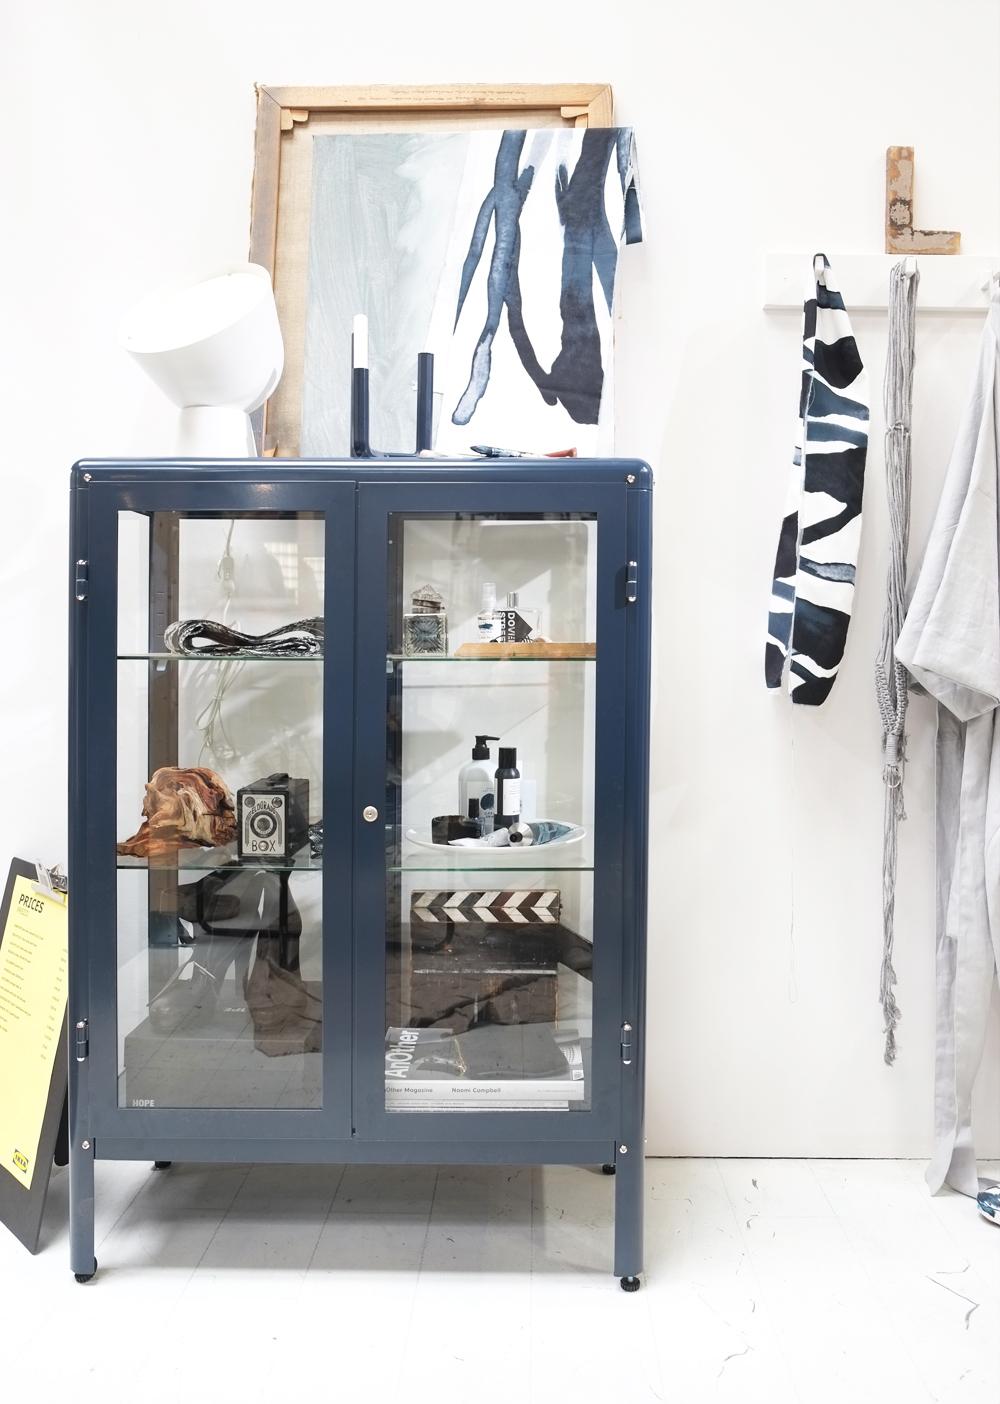 Pimpelwit_interieurontwerp_Ikea_de ideale werkplek-salonedelmobile2017_atelier_werkruimte_vitrinekast